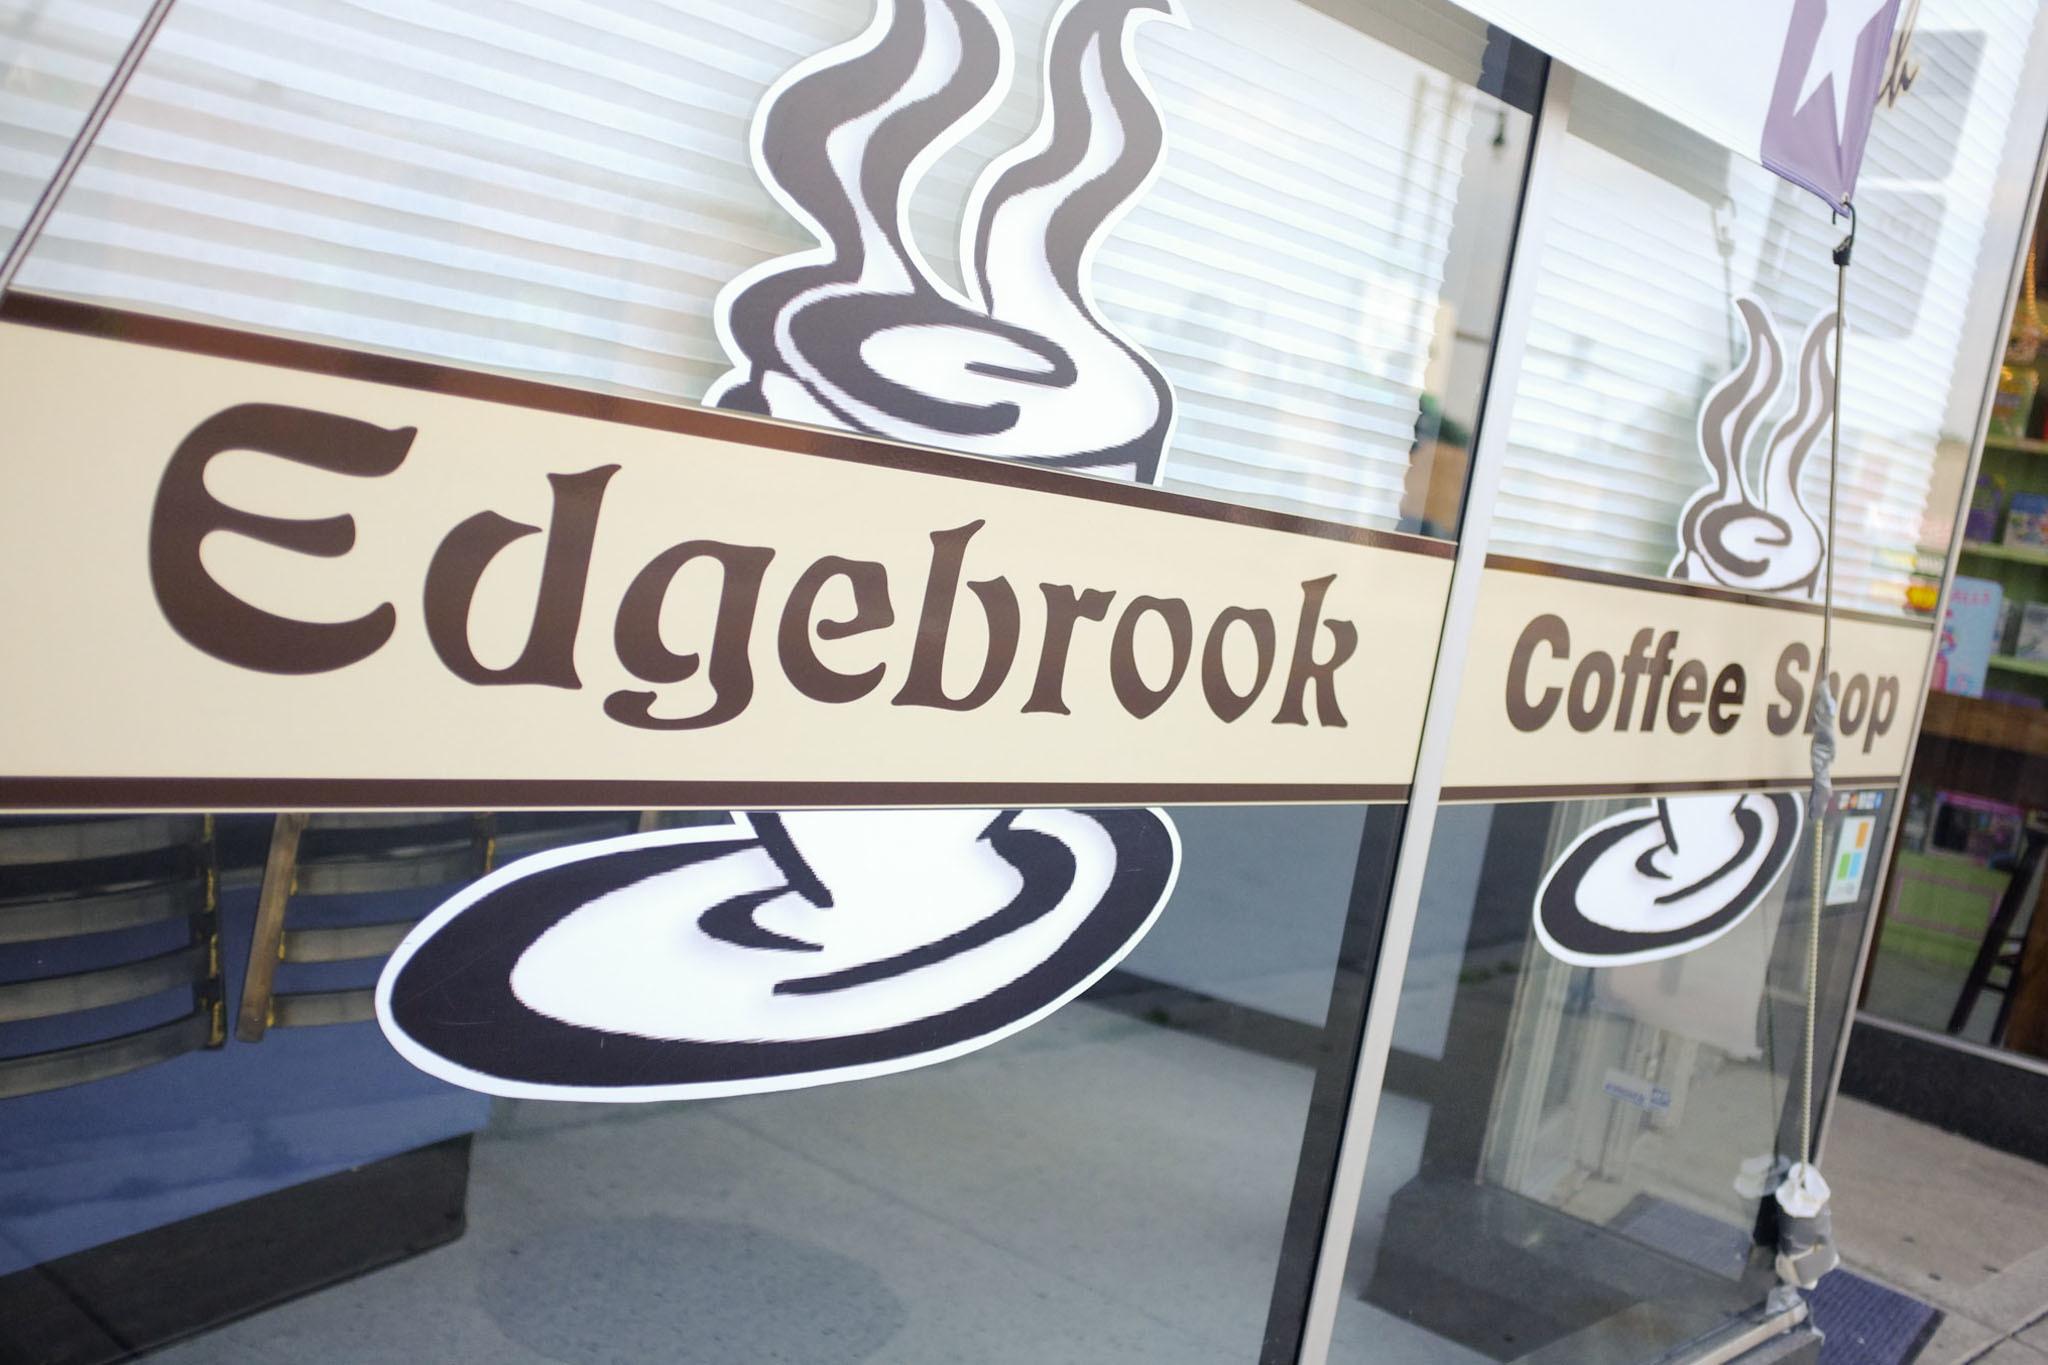 Edgebrook Coffee Shop